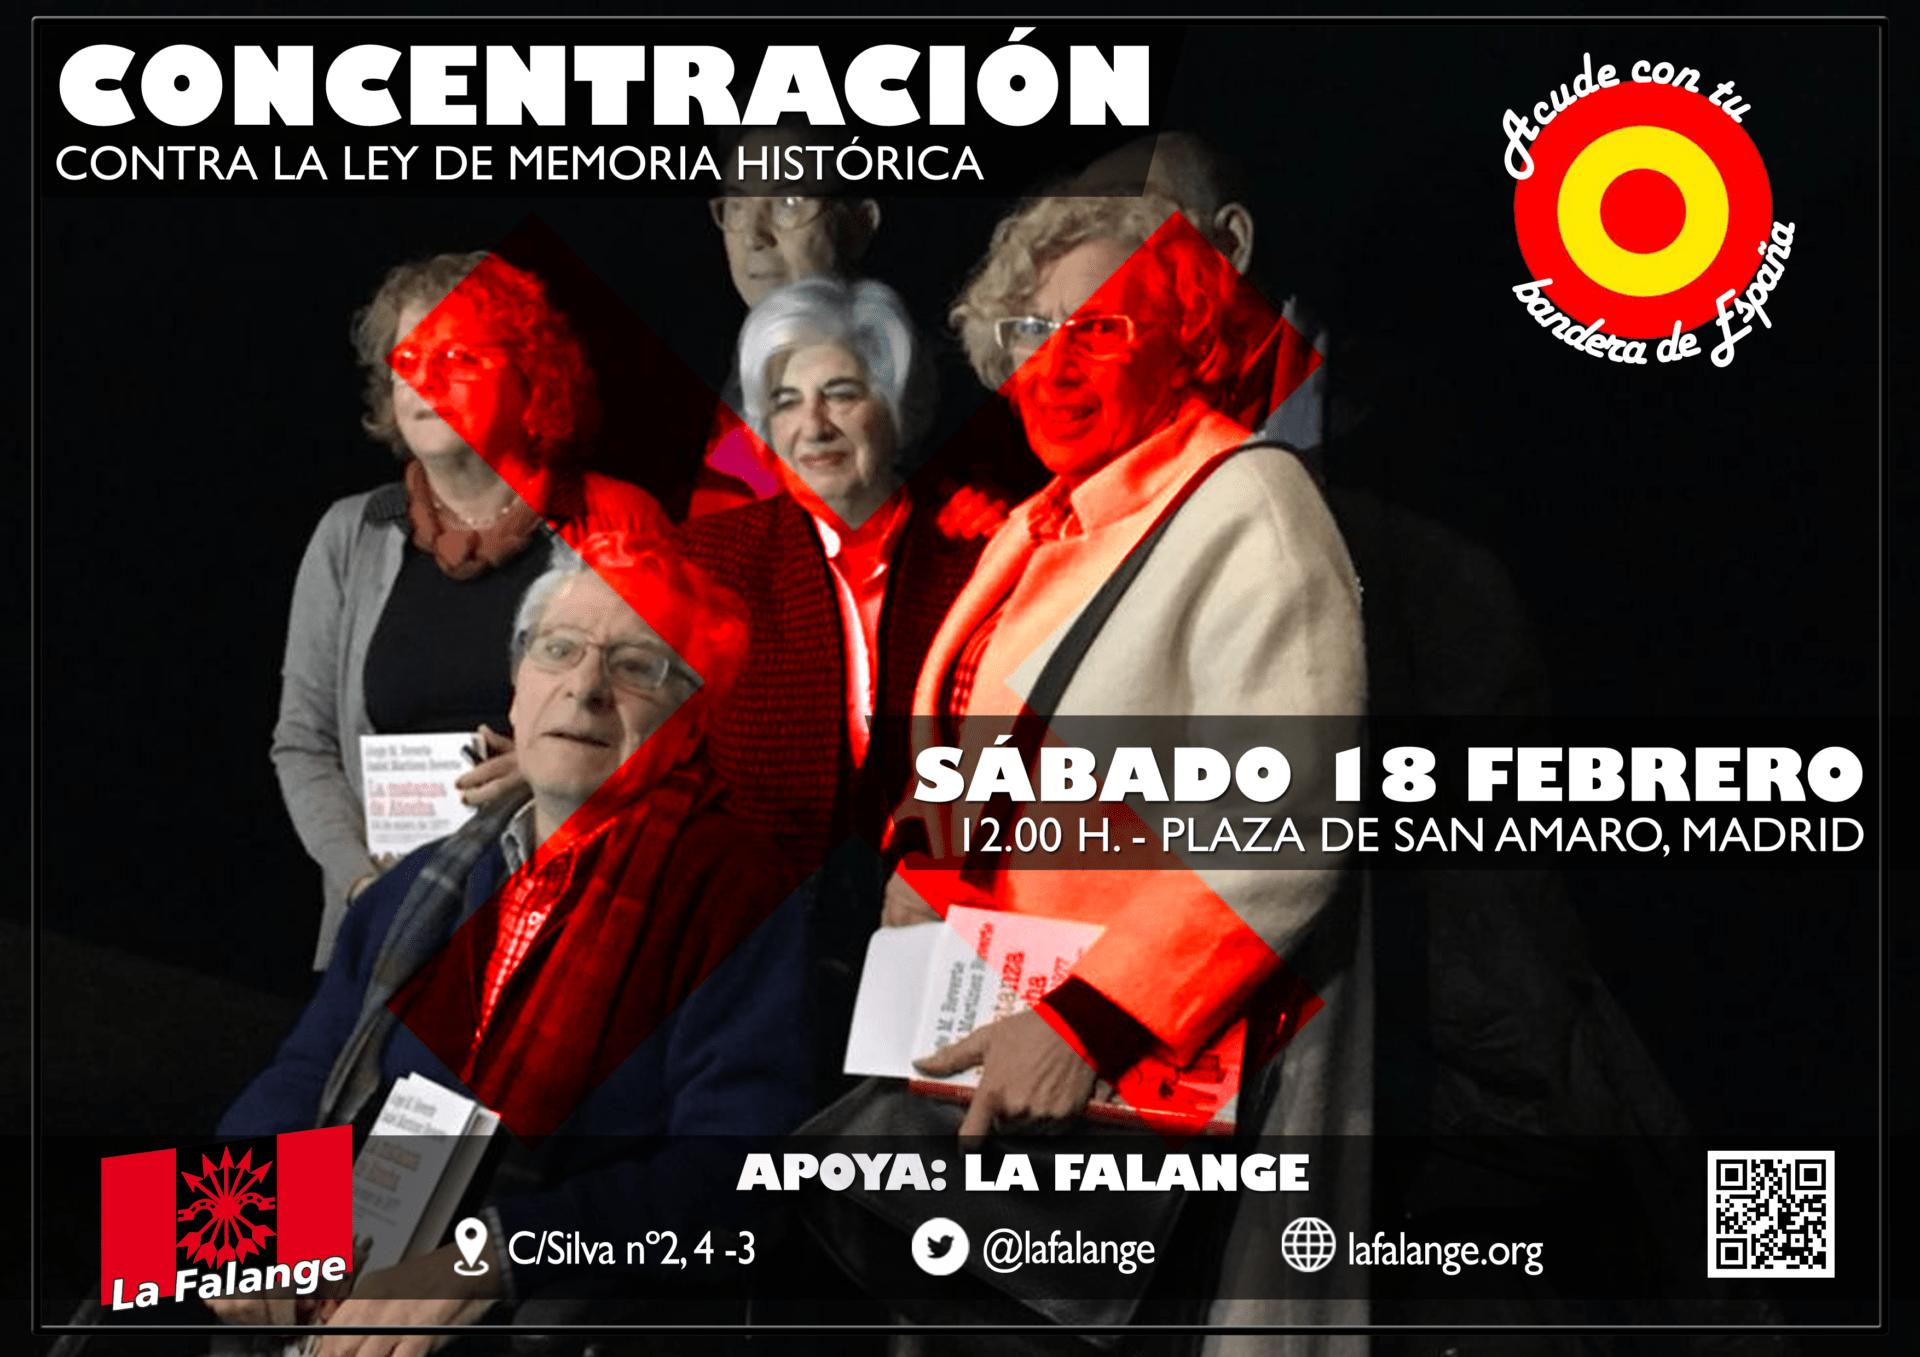 Concentración contra la Ley de Memoria Histórica Sábado 18 de Febrero